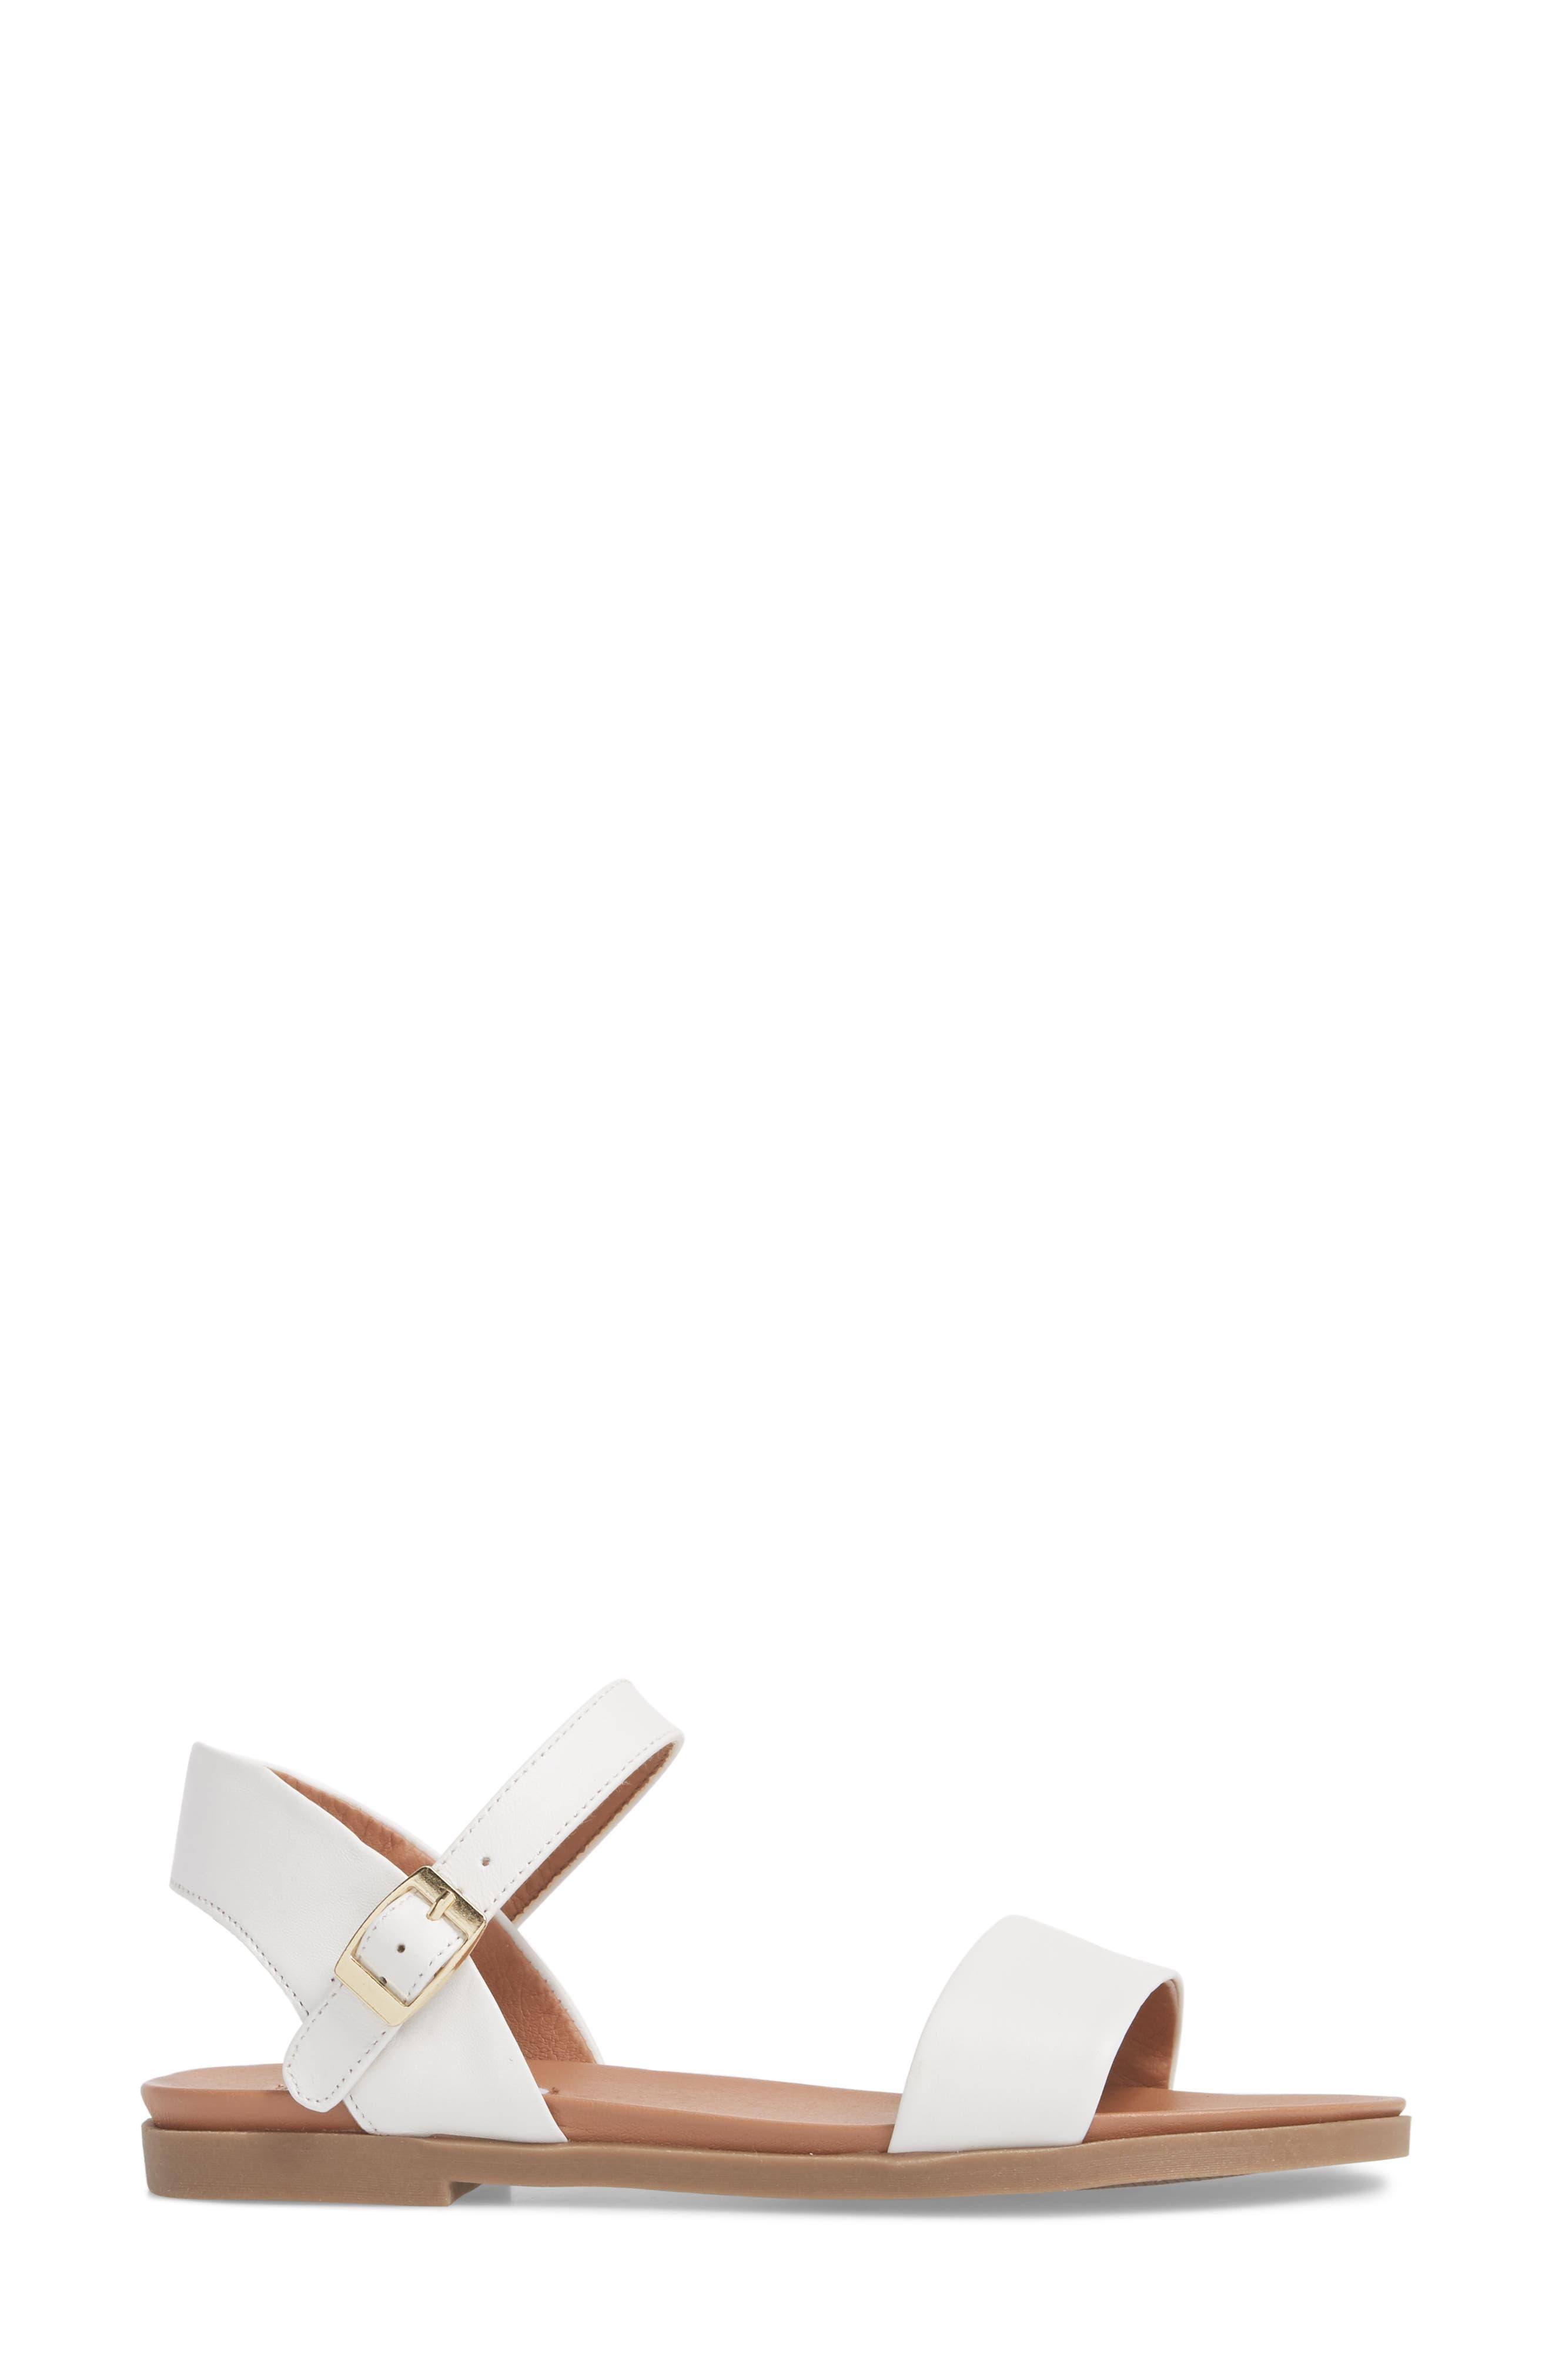 Dina Sandal,                             Alternate thumbnail 3, color,                             White Leather